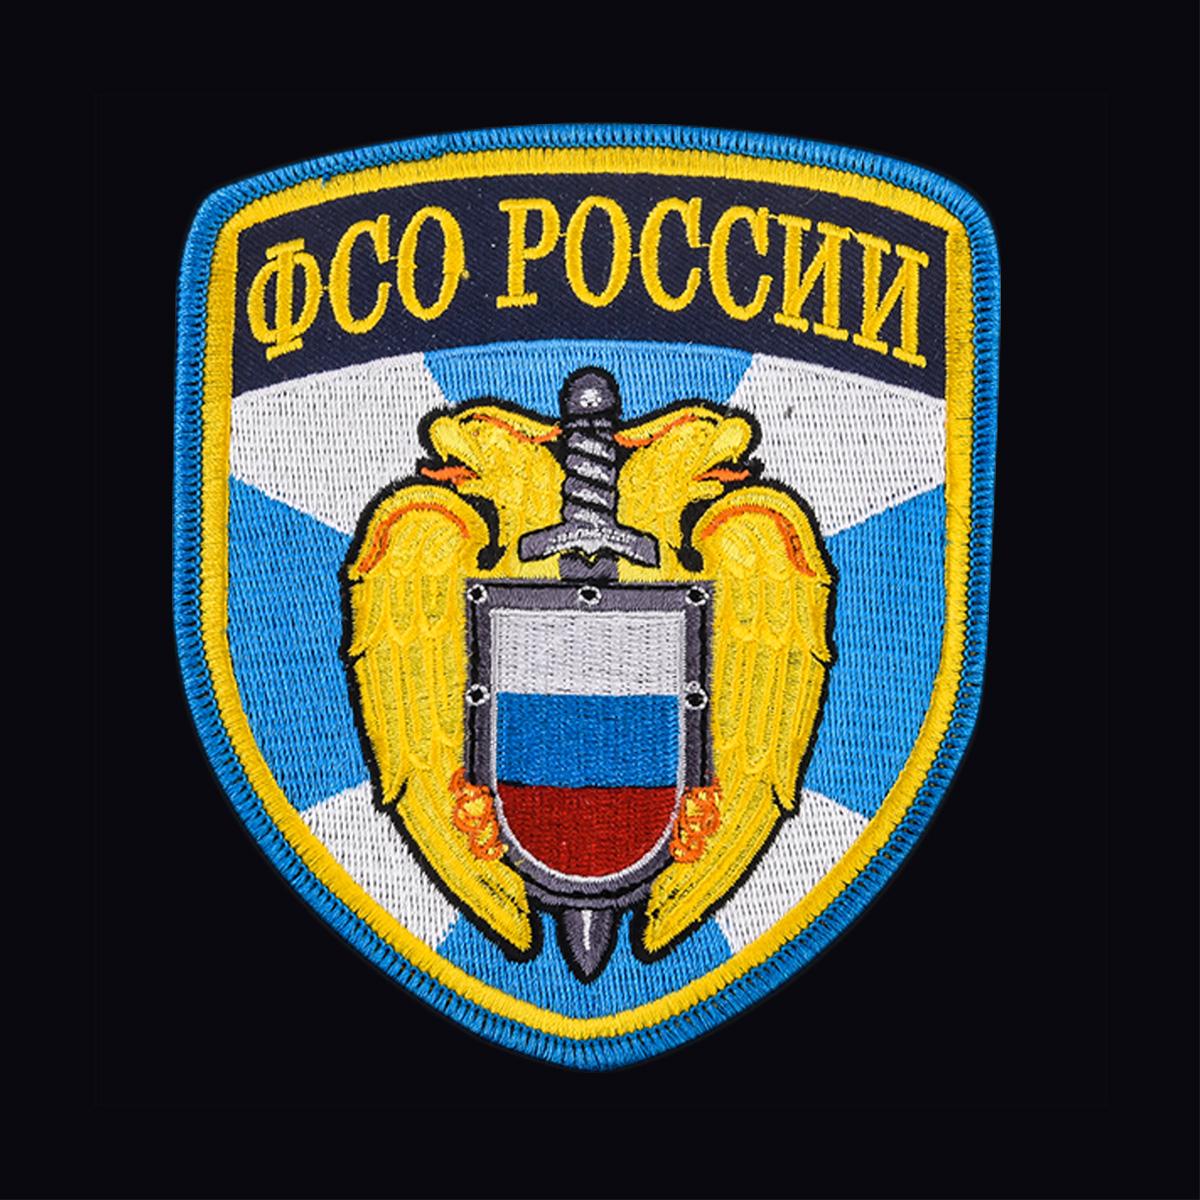 Черная хлопковая футболка с вышитым шевроном ФСО России - купить с доставкой